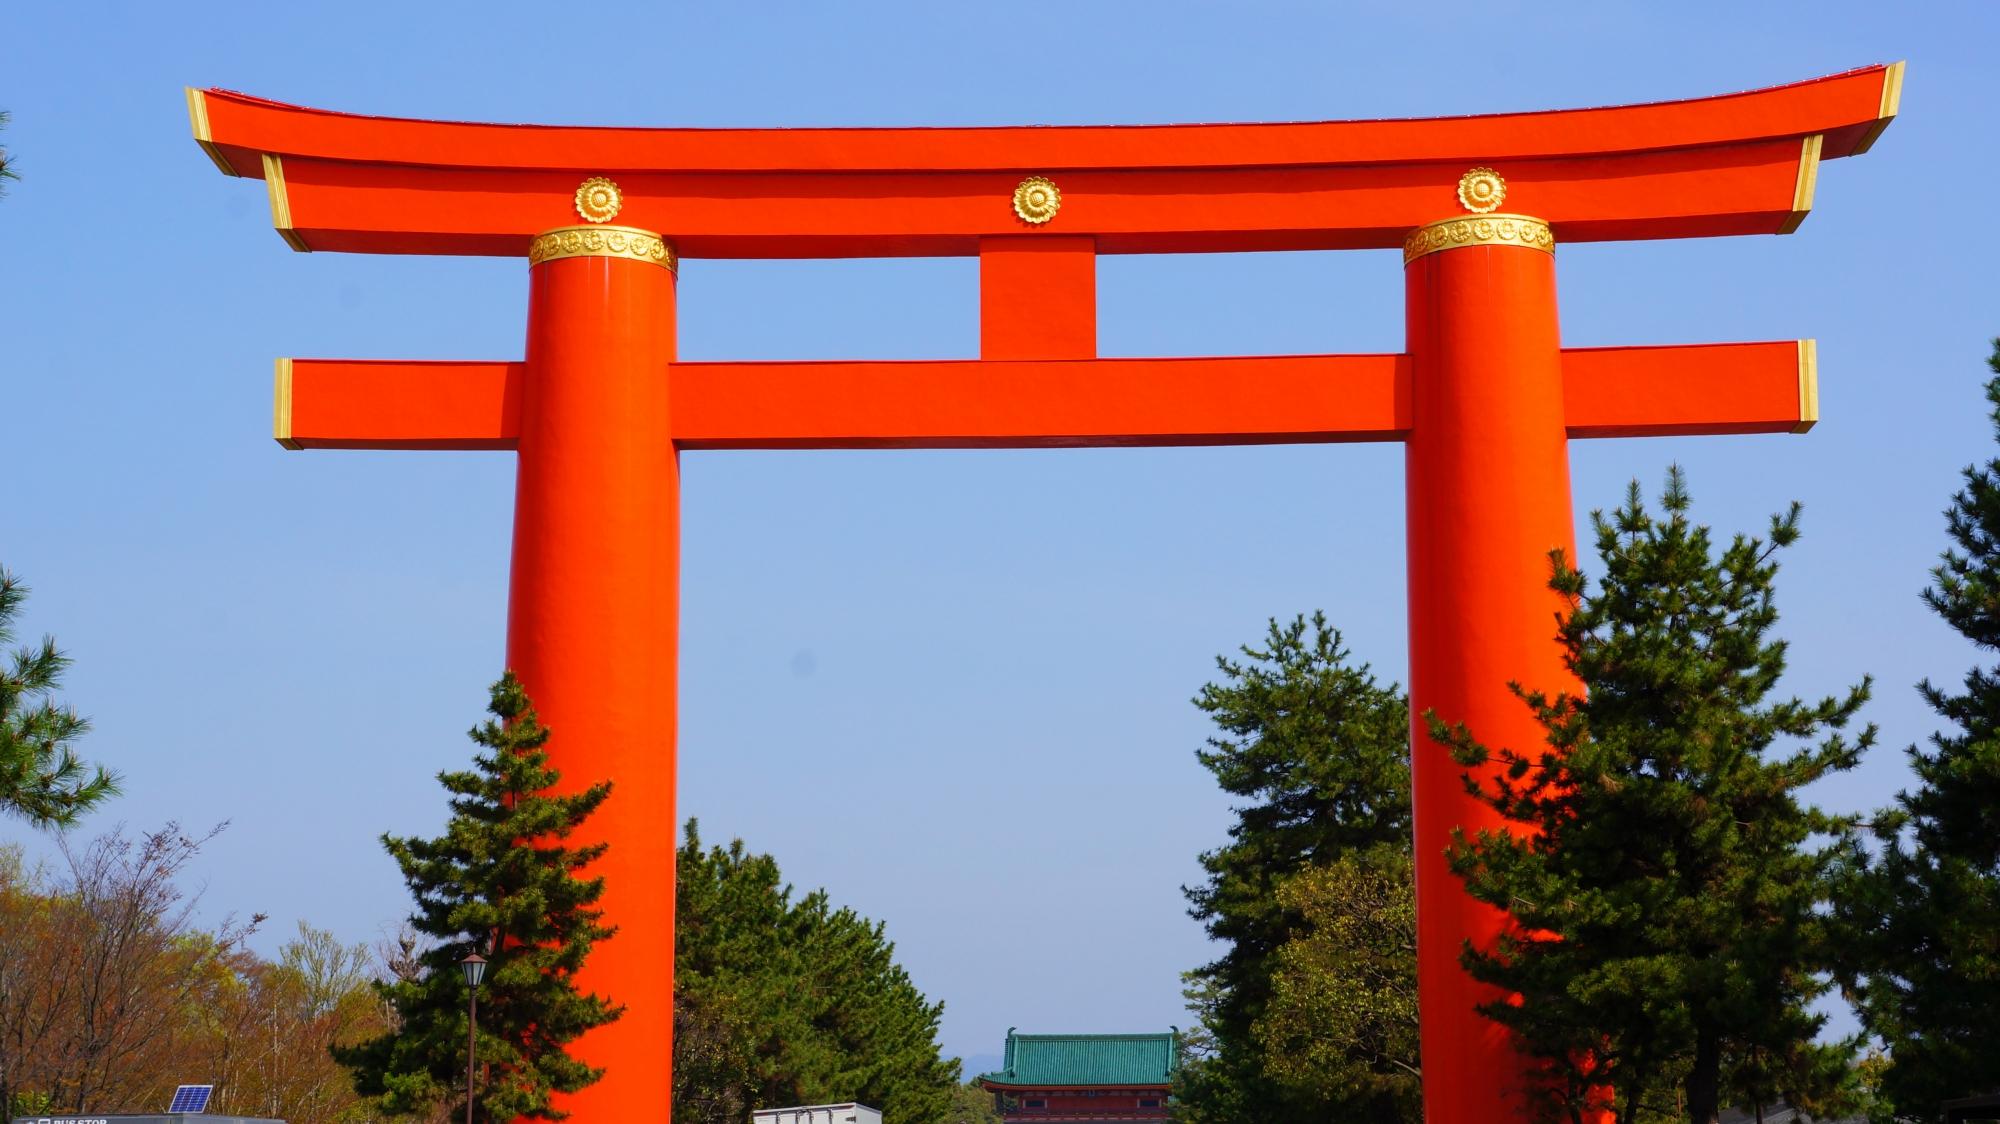 青空に映える鮮やかな赤色の平安神宮の大鳥居